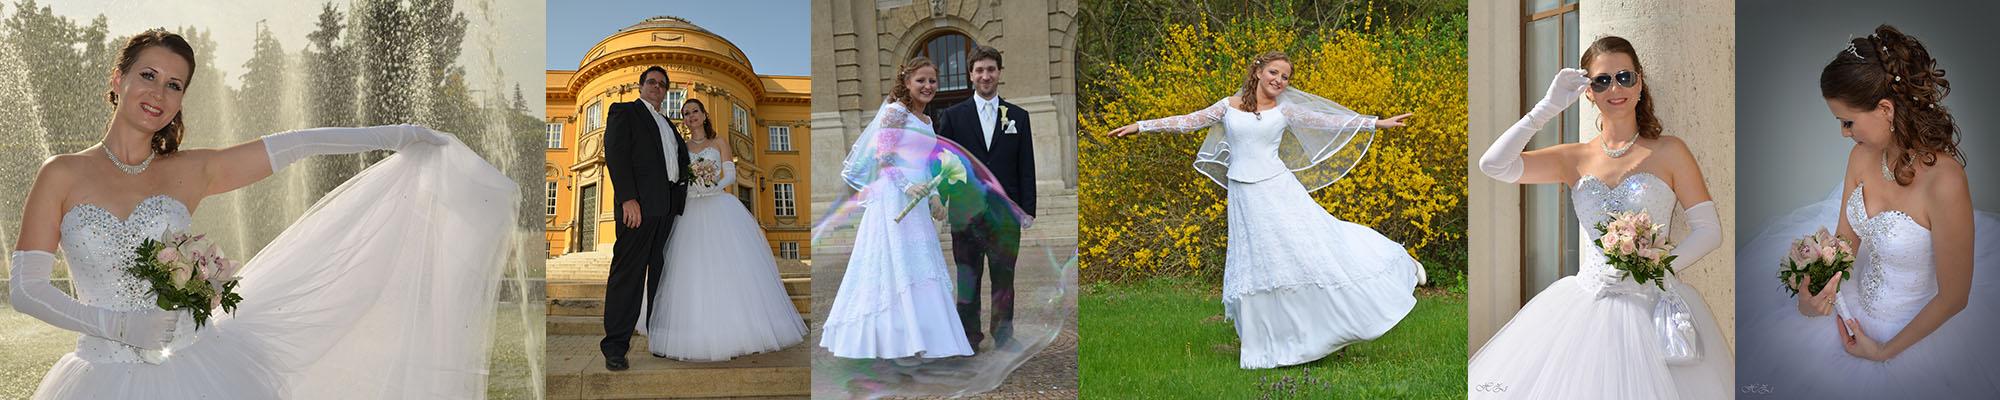 Esküvői fotózás szalag 01